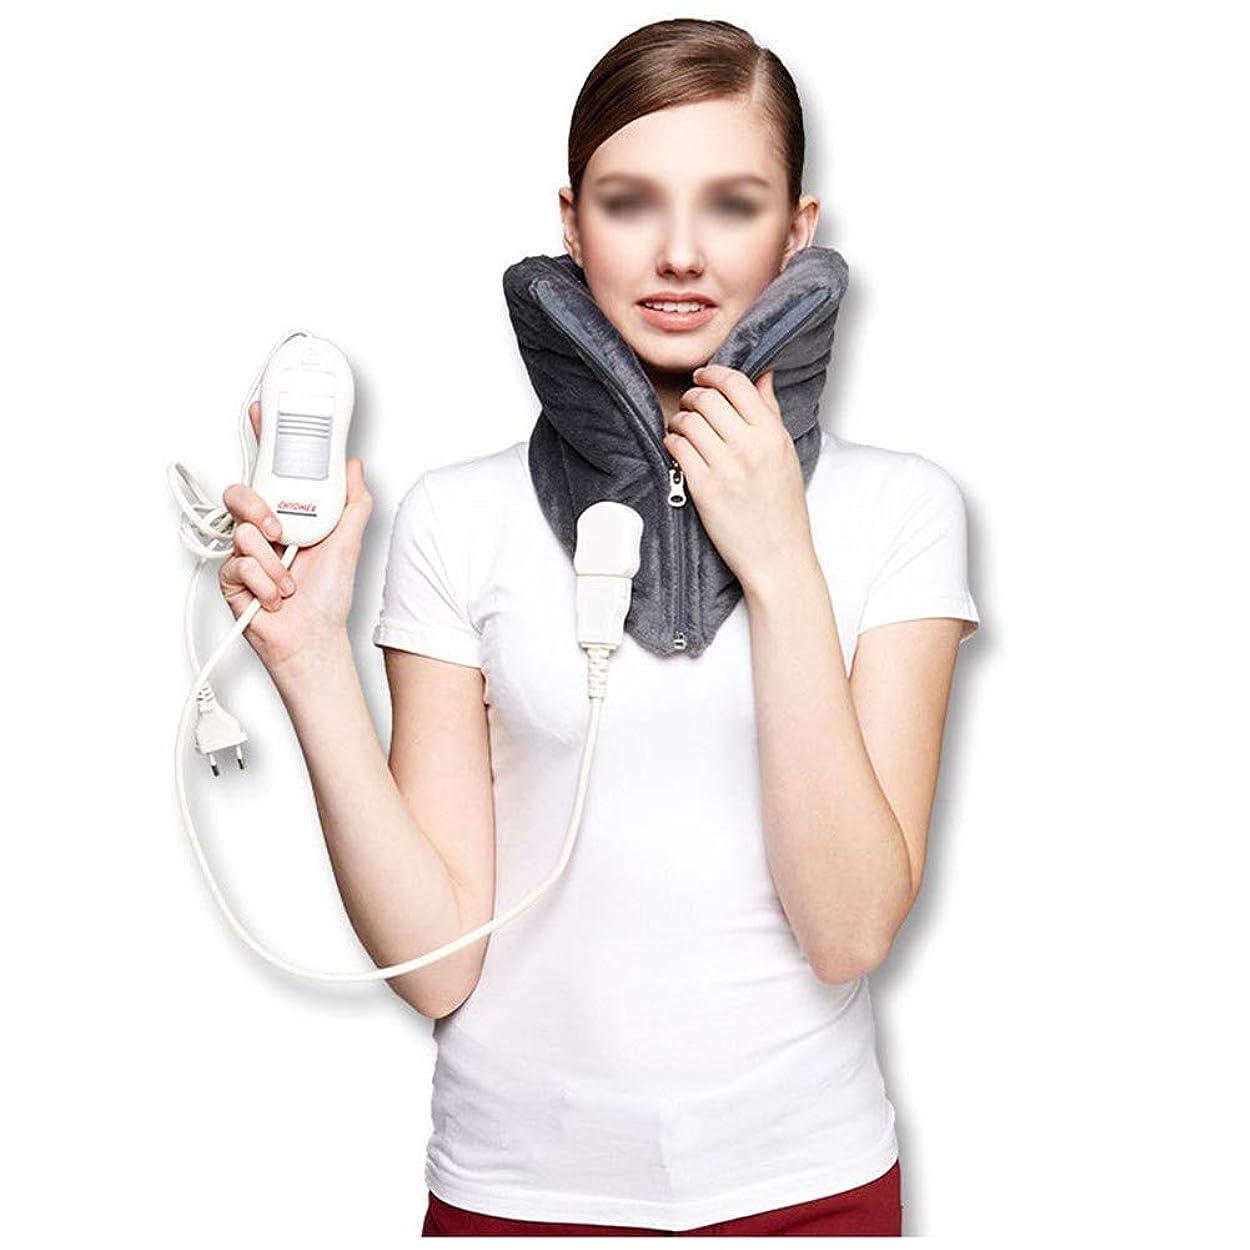 職業ハイライト前に頚部の電気ヒーターパッド - 暖かい頚椎のヒートパッド、自動電源オフ、洗える、3速度一定温度、高齢者の痛みを軽減するマッサージャー